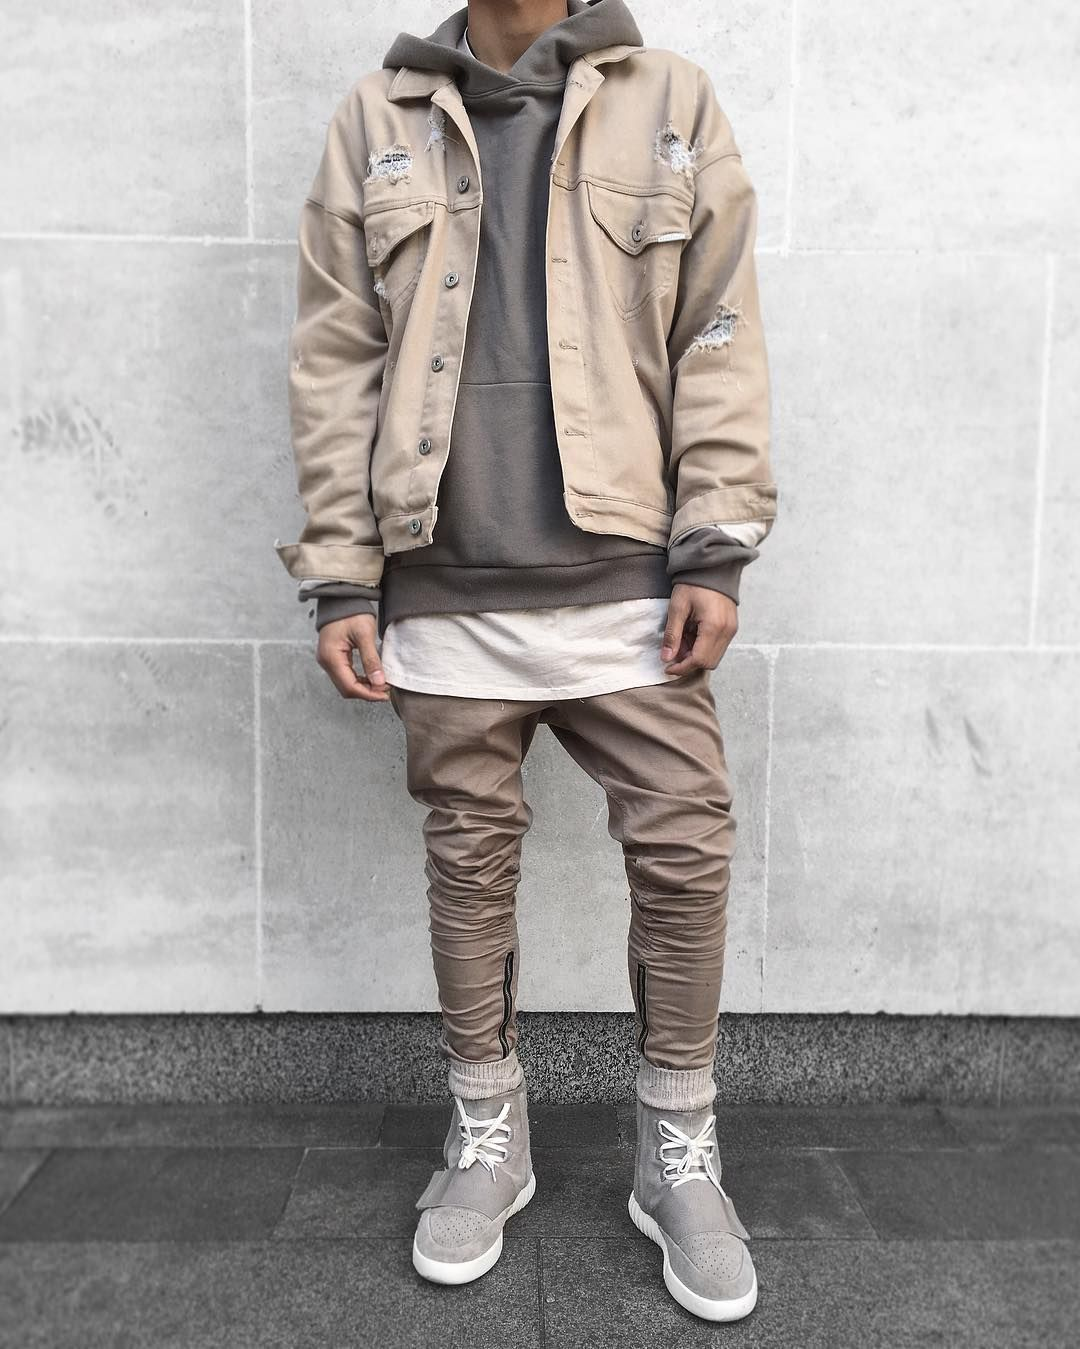 Follow @filetlondon for more street wear style filetclothing